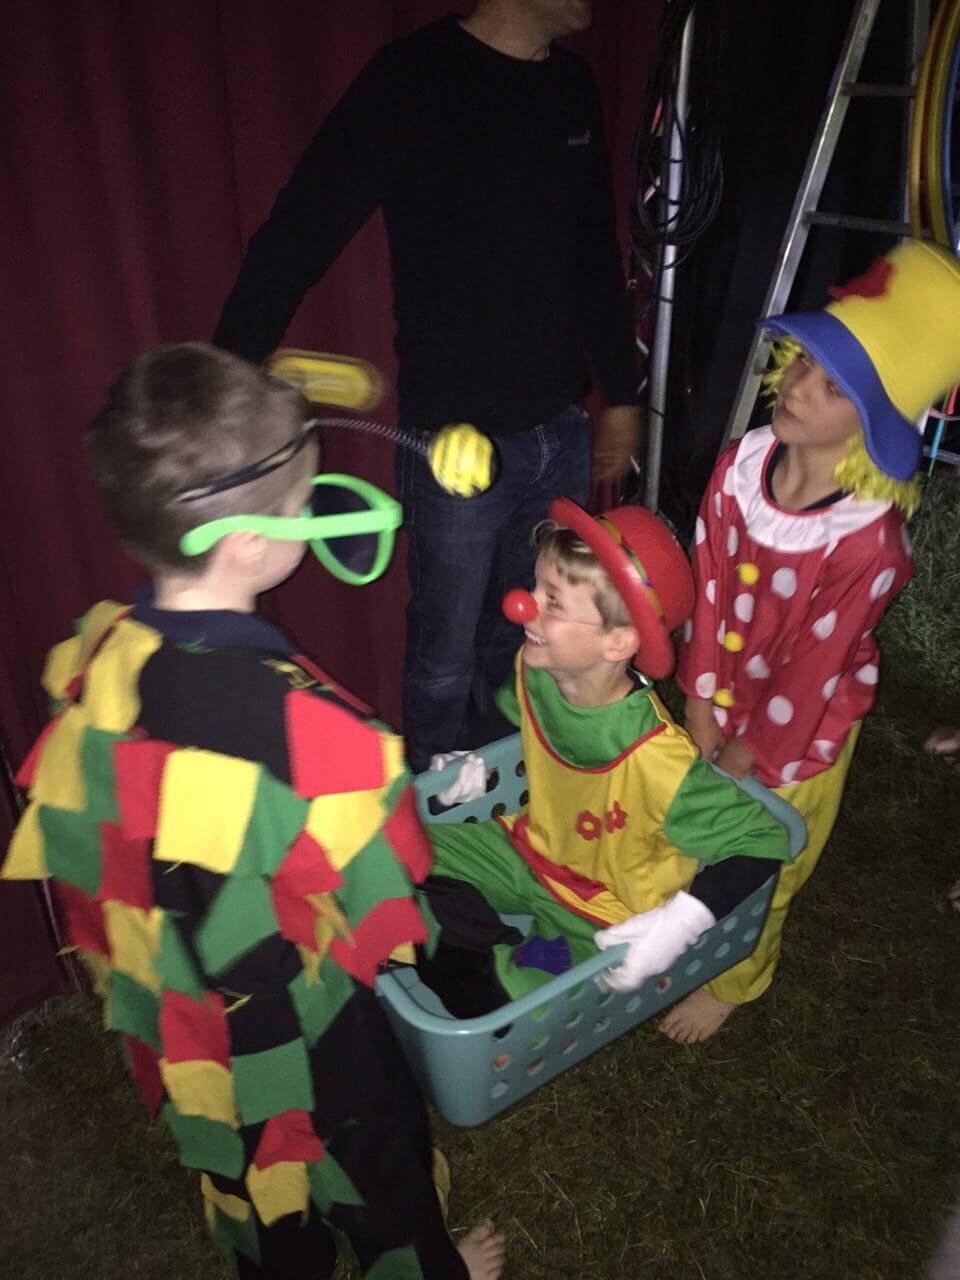 zwei Clowns tragen einen dritten im Wäschekorb